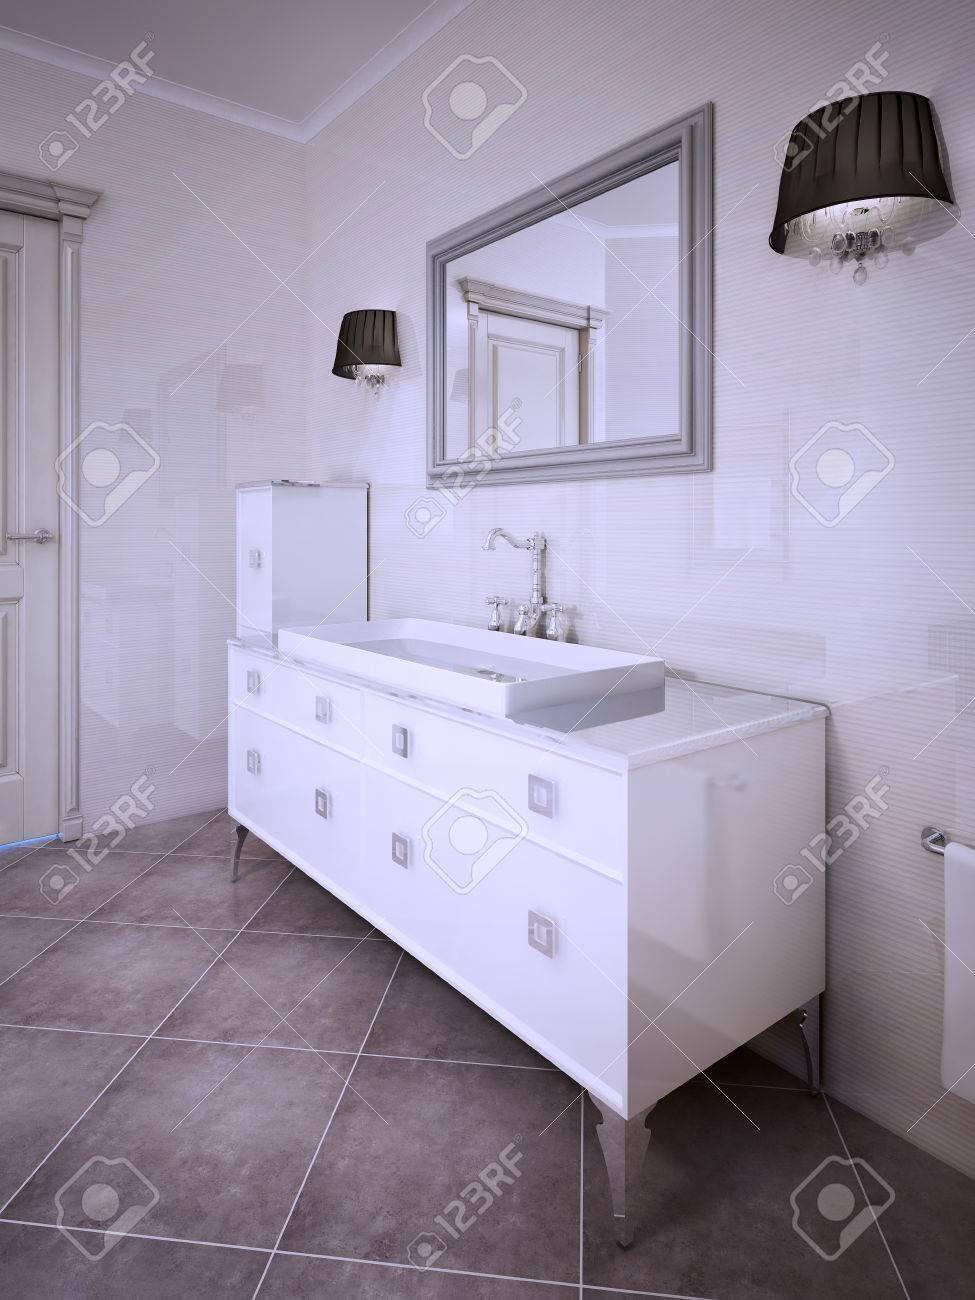 Inspiration Für Elegantes Badezimmer. 3D übertragen Lizenzfreie ...